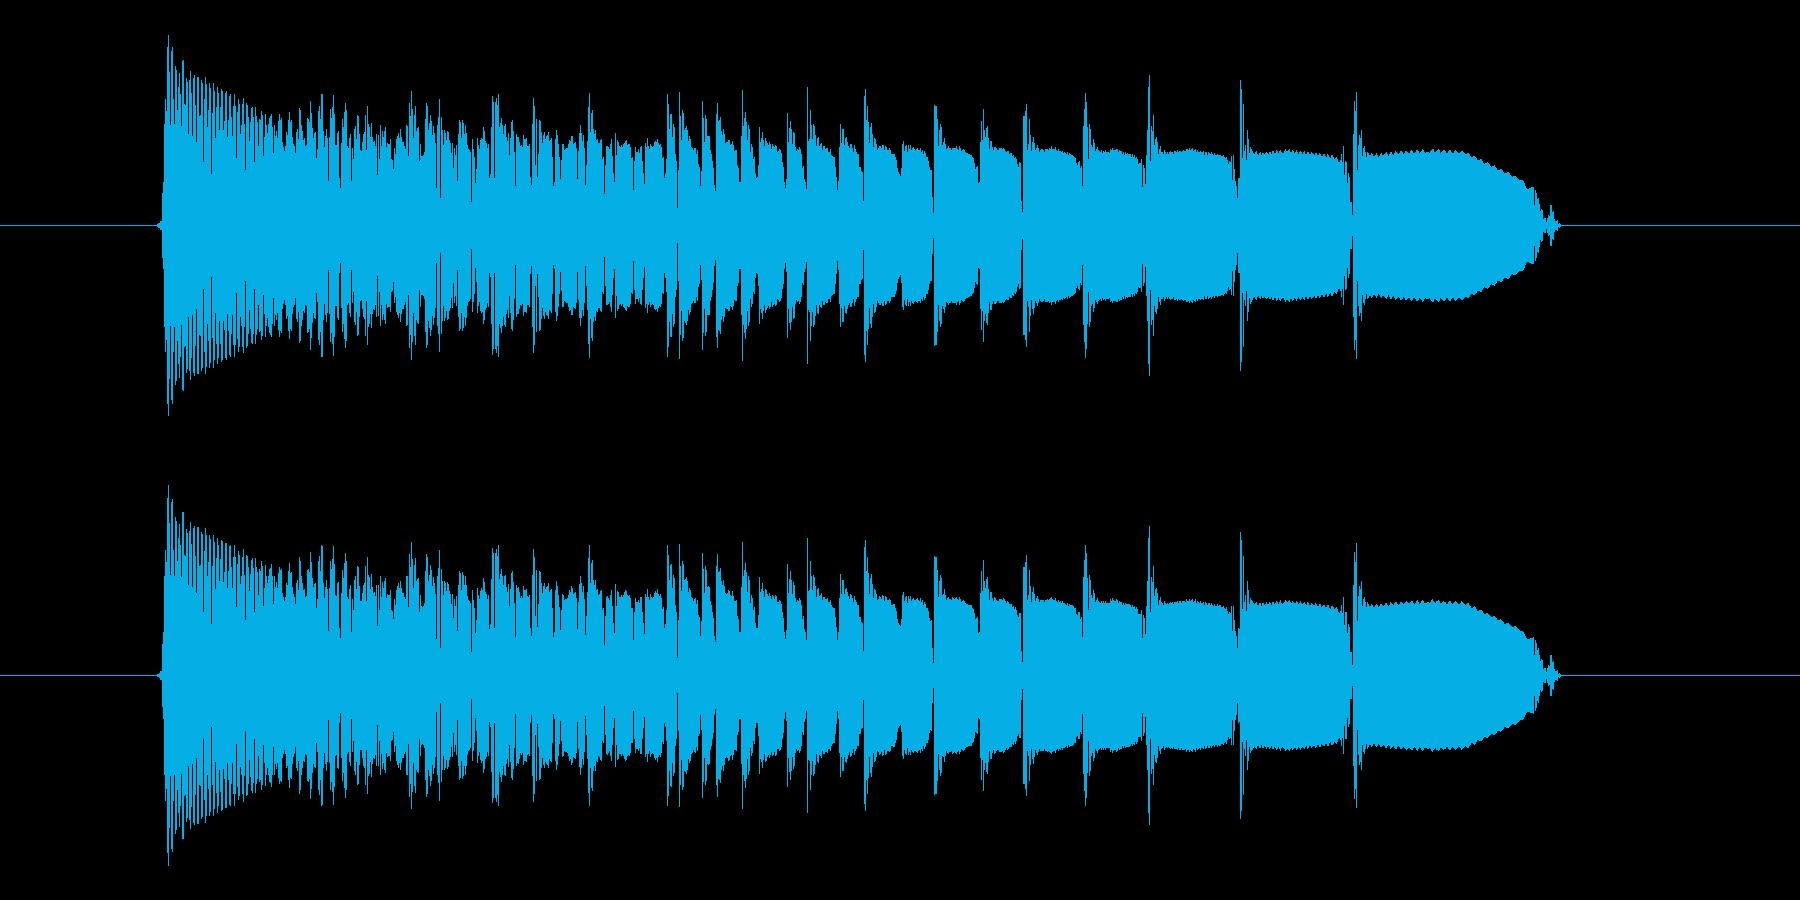 キュルキュル(宇宙、落下、回転)の再生済みの波形